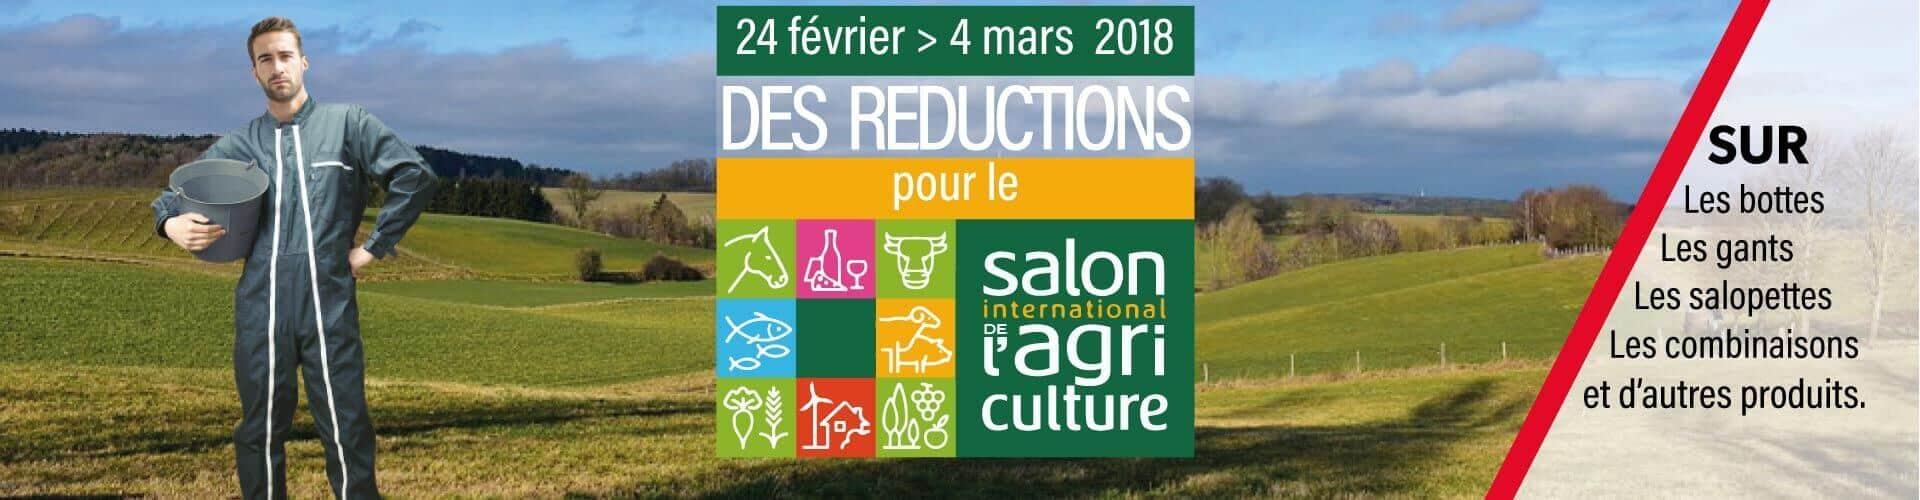 Réductions pour le Salon de l'Agriculture 2018